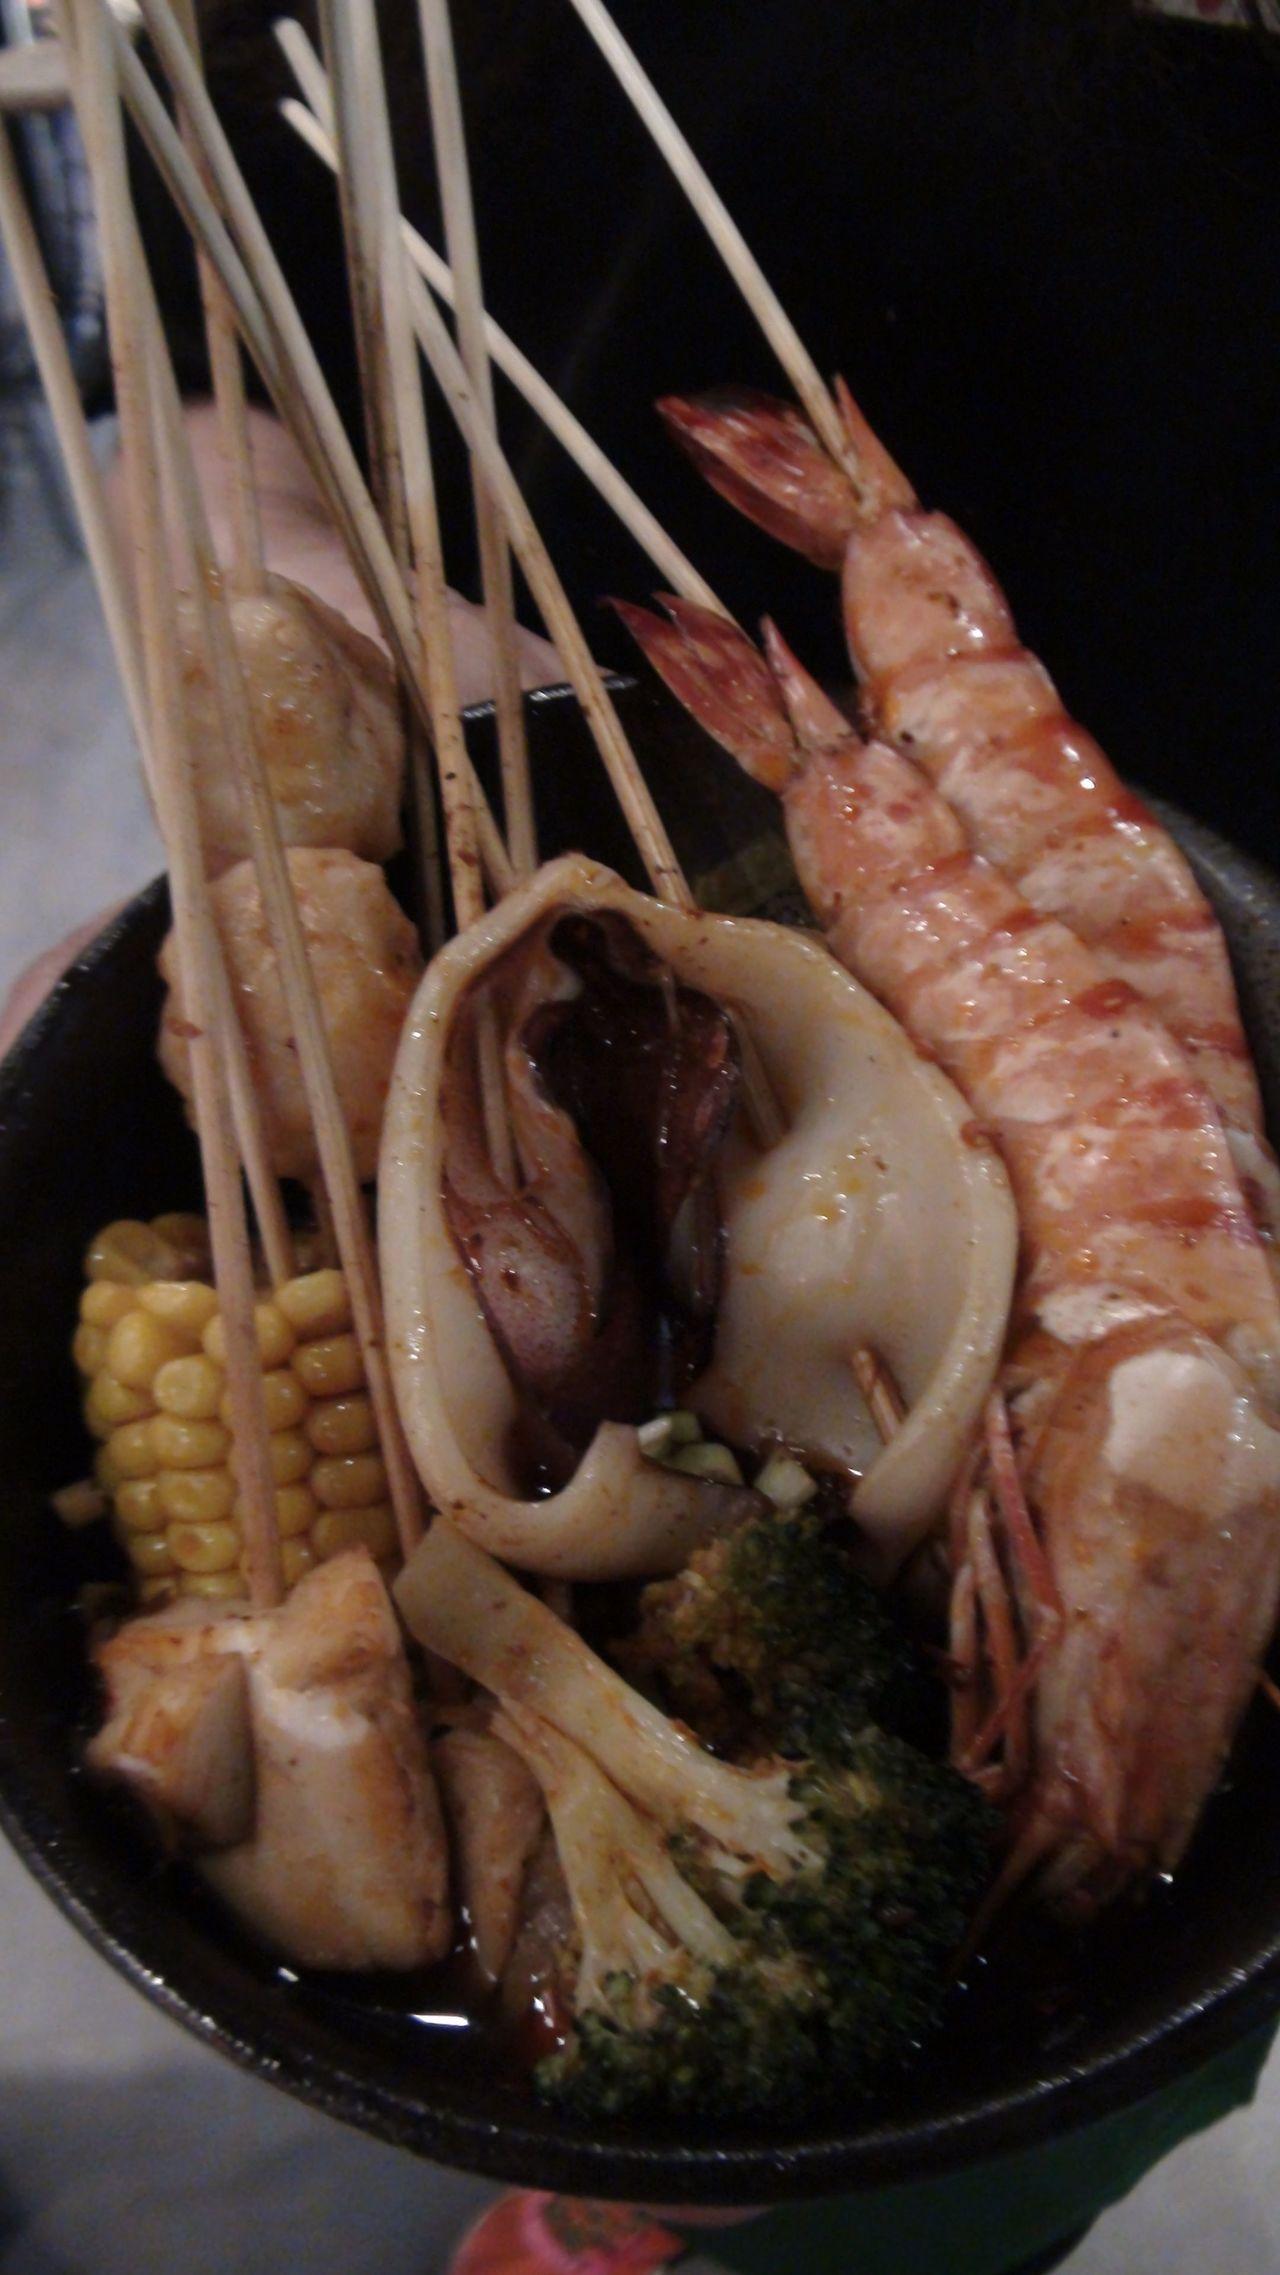 「支支紅」將四川小吃「串串」的精神,結合台灣在地食材,搭配四川椒香麻辣的湯頭,將...